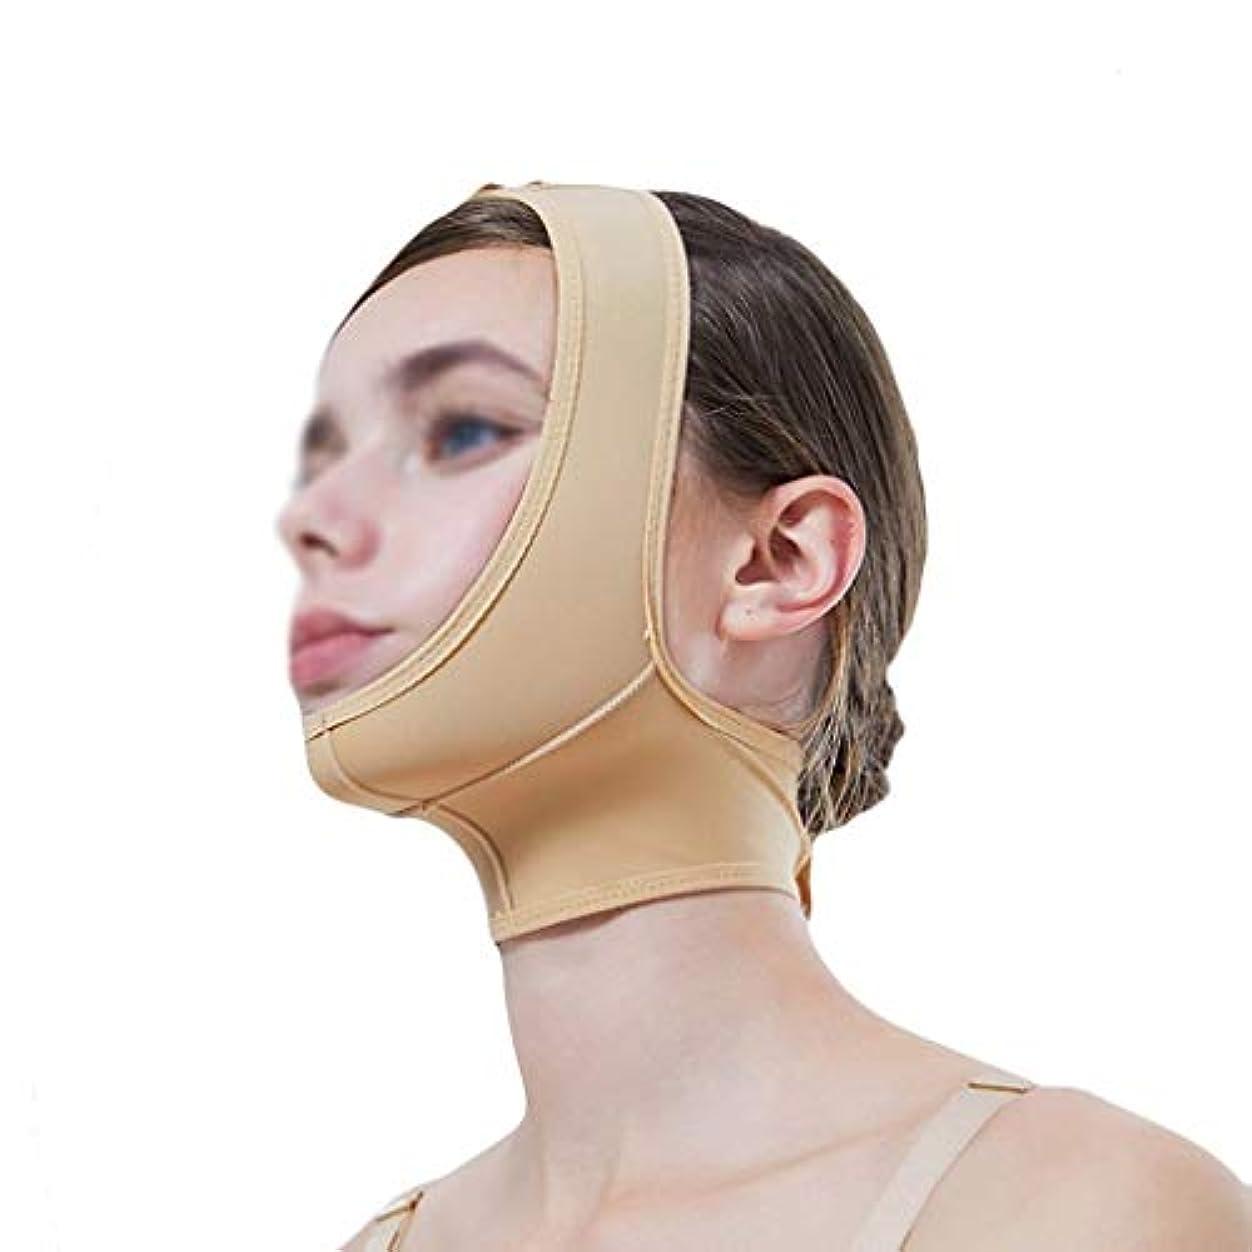 新鮮なラリーひそかにマスク、超薄型ベルト、フェイスリフティングに適し、フェイスリフティング、通気性包帯、あご取りベルト、超薄型ベルト、通気性(サイズ:XL),XXL